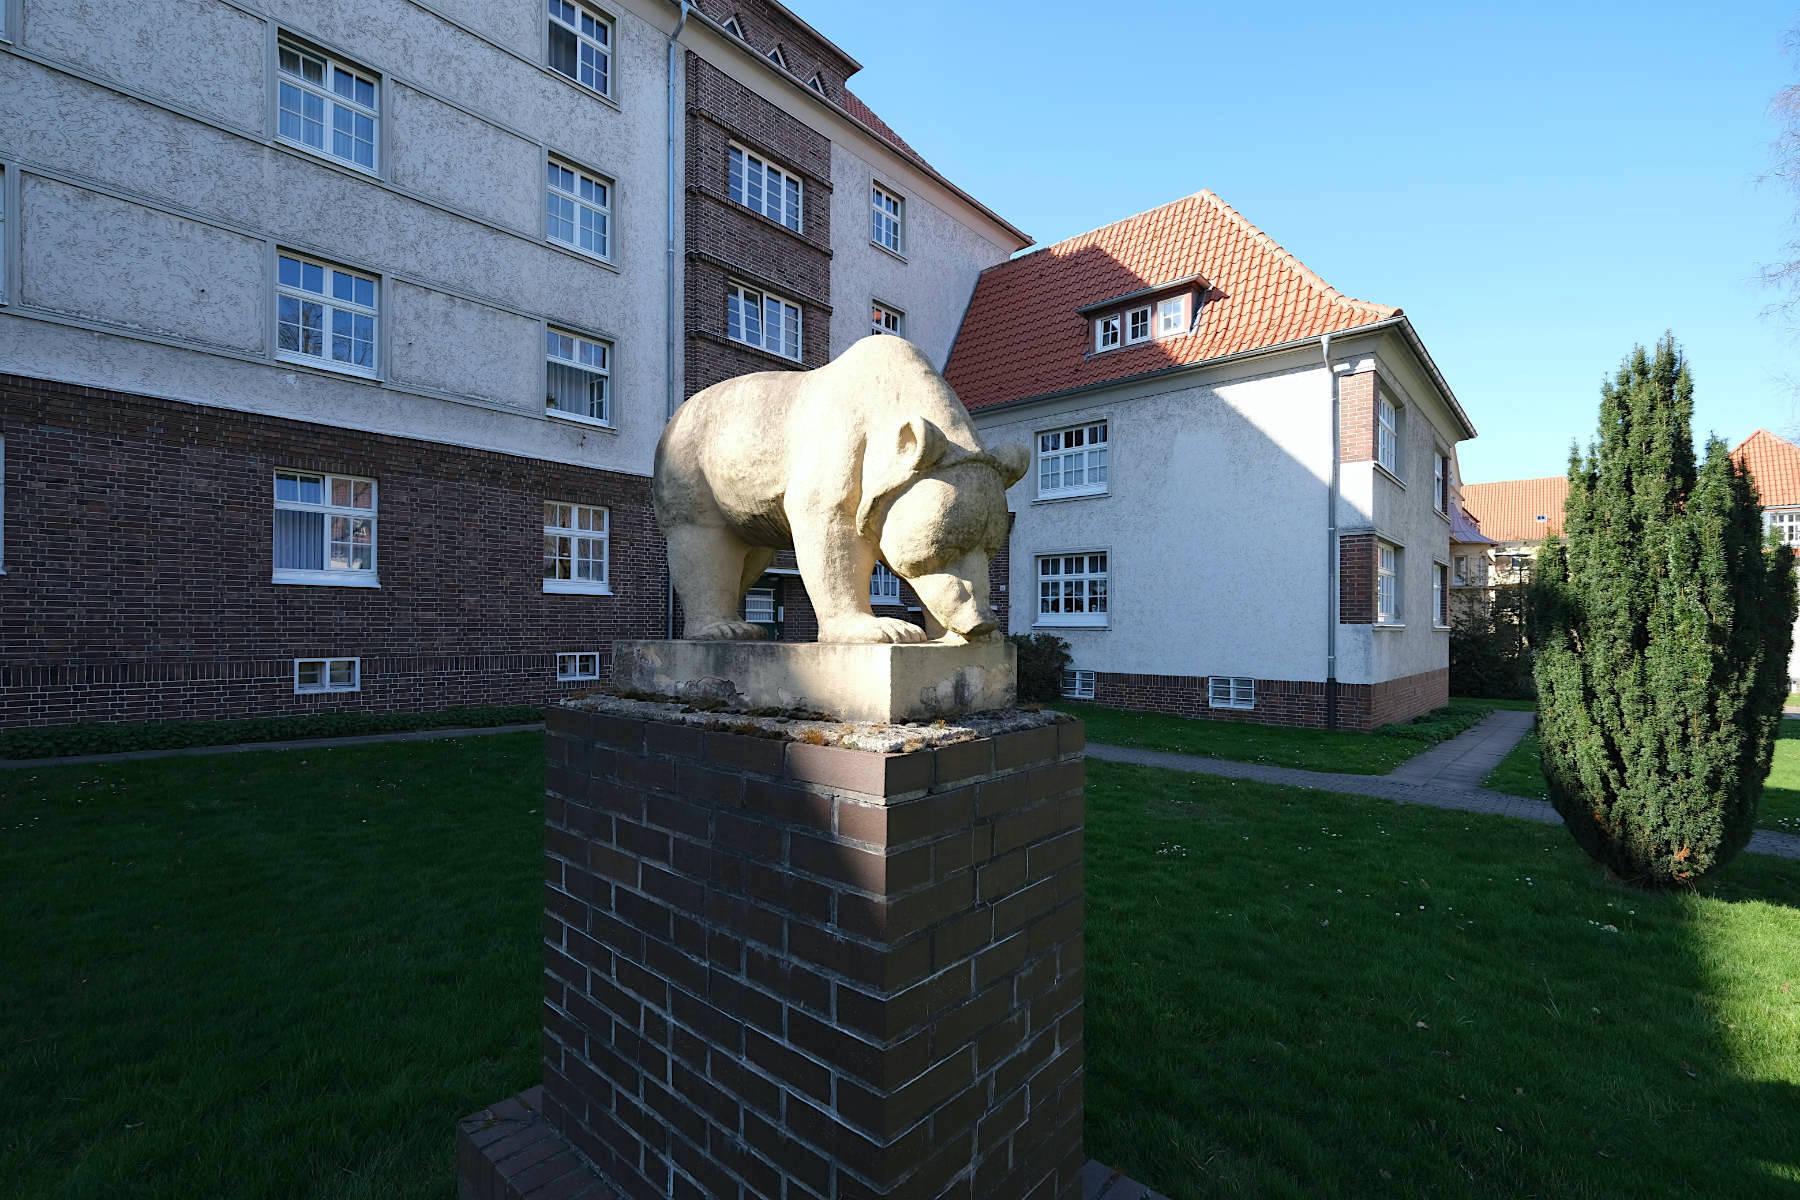 Siedlung Im Siekerfelde. Der Bär als Symbol der Stärke der Arbeiterschaft und der Baugenossenschaft Freie Scholle.